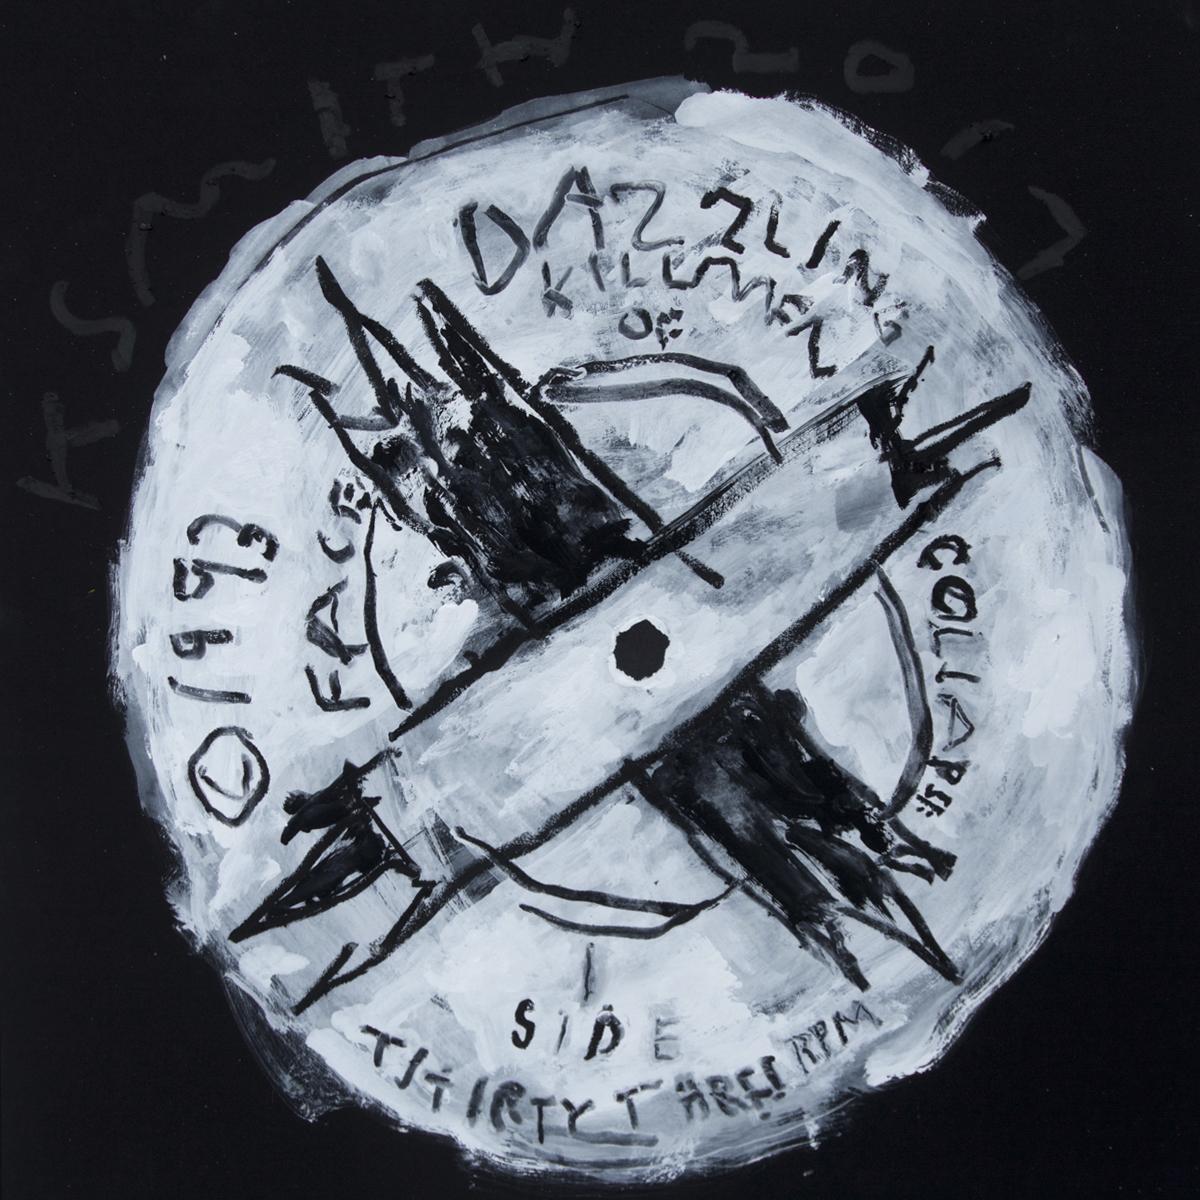 Dazzling Killmen / Face of collapse